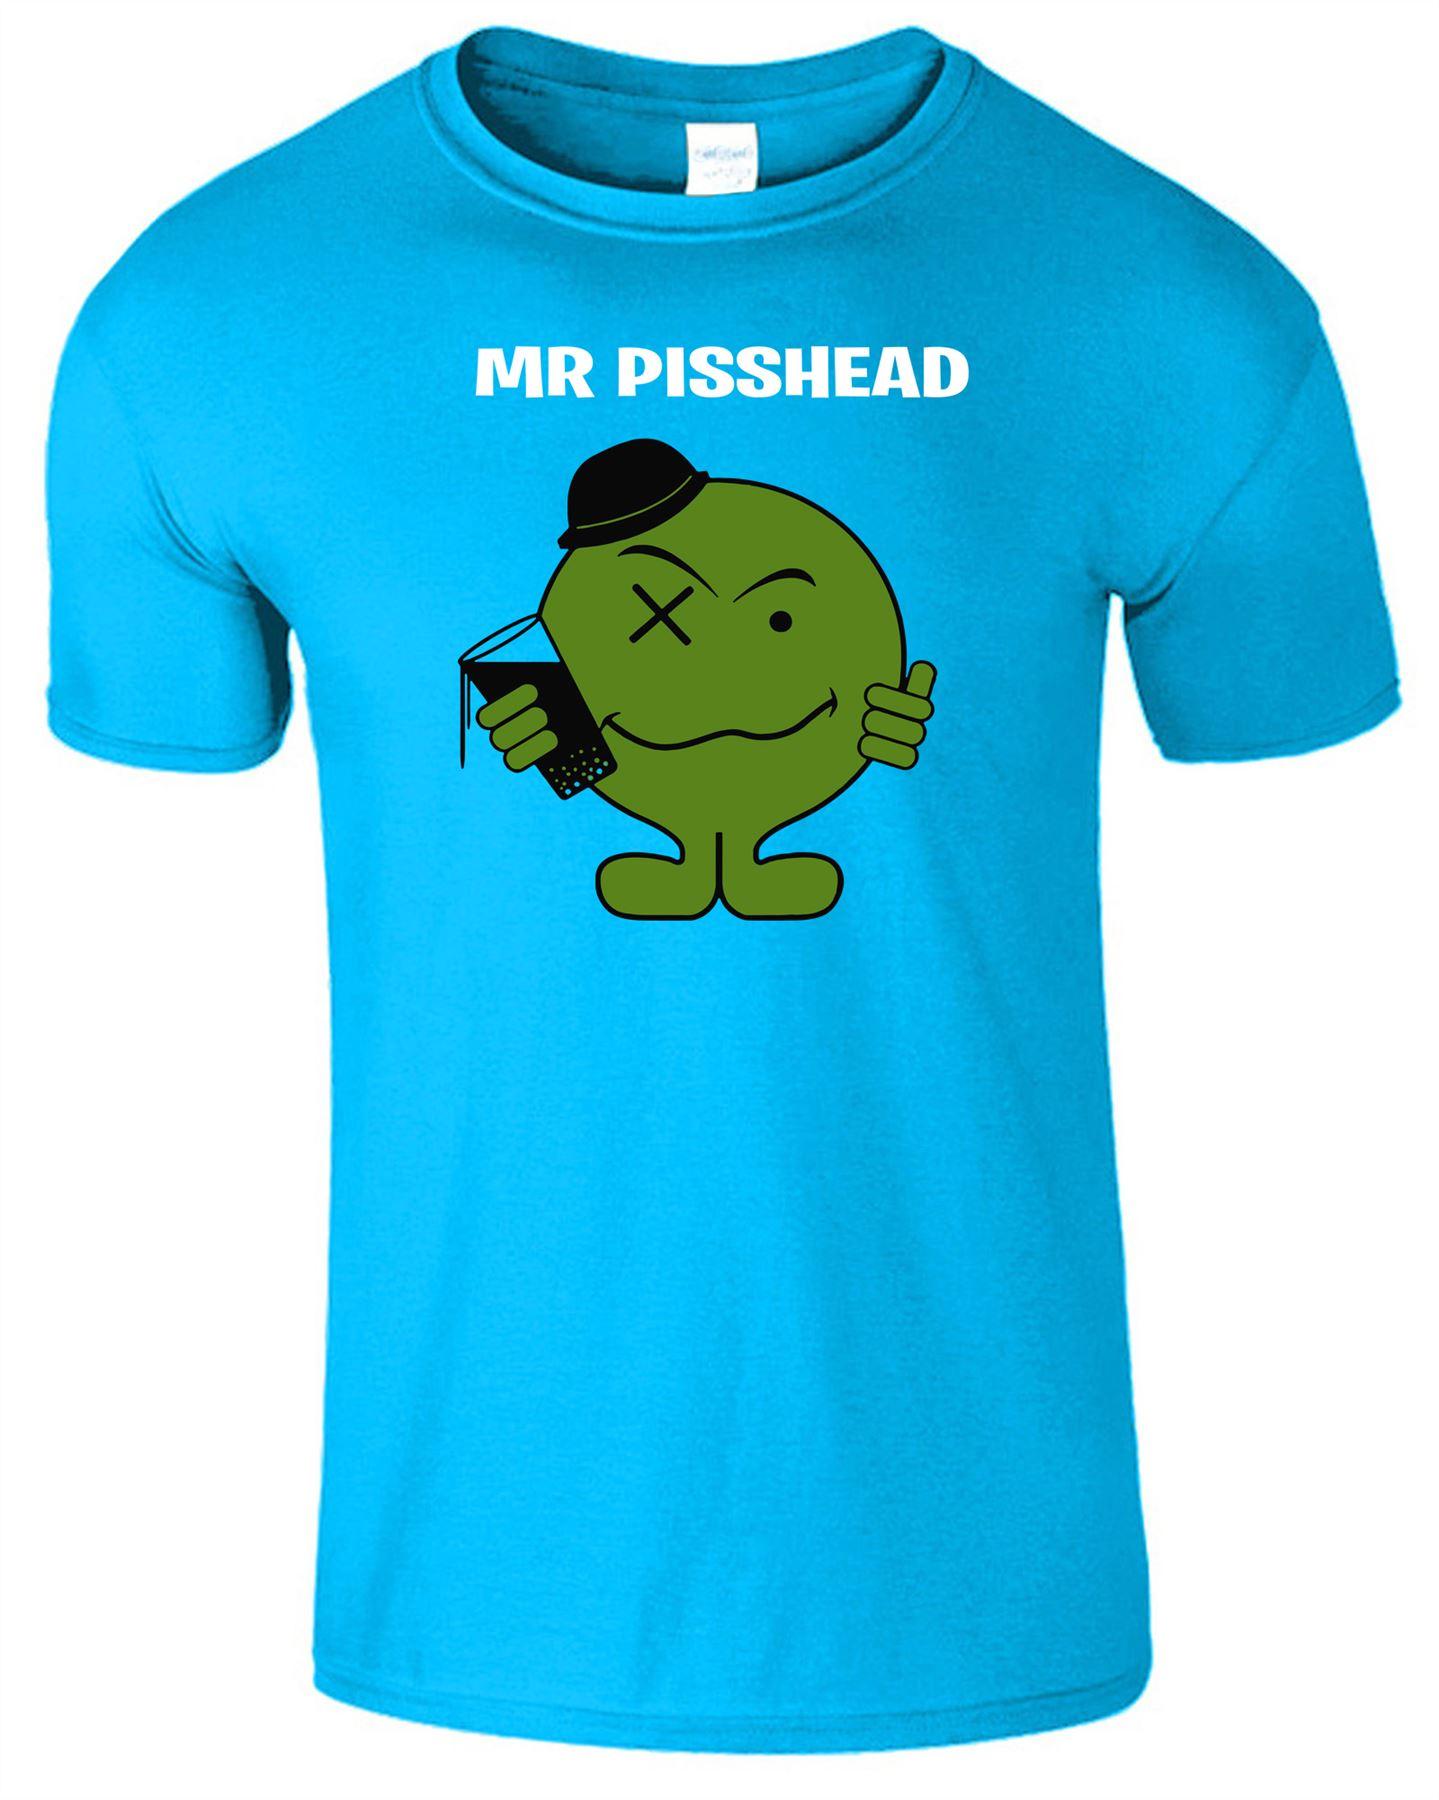 pochtron Homme Kids T-shirt Drinking Party Garçons Filles Hen Do top tshirt Little M